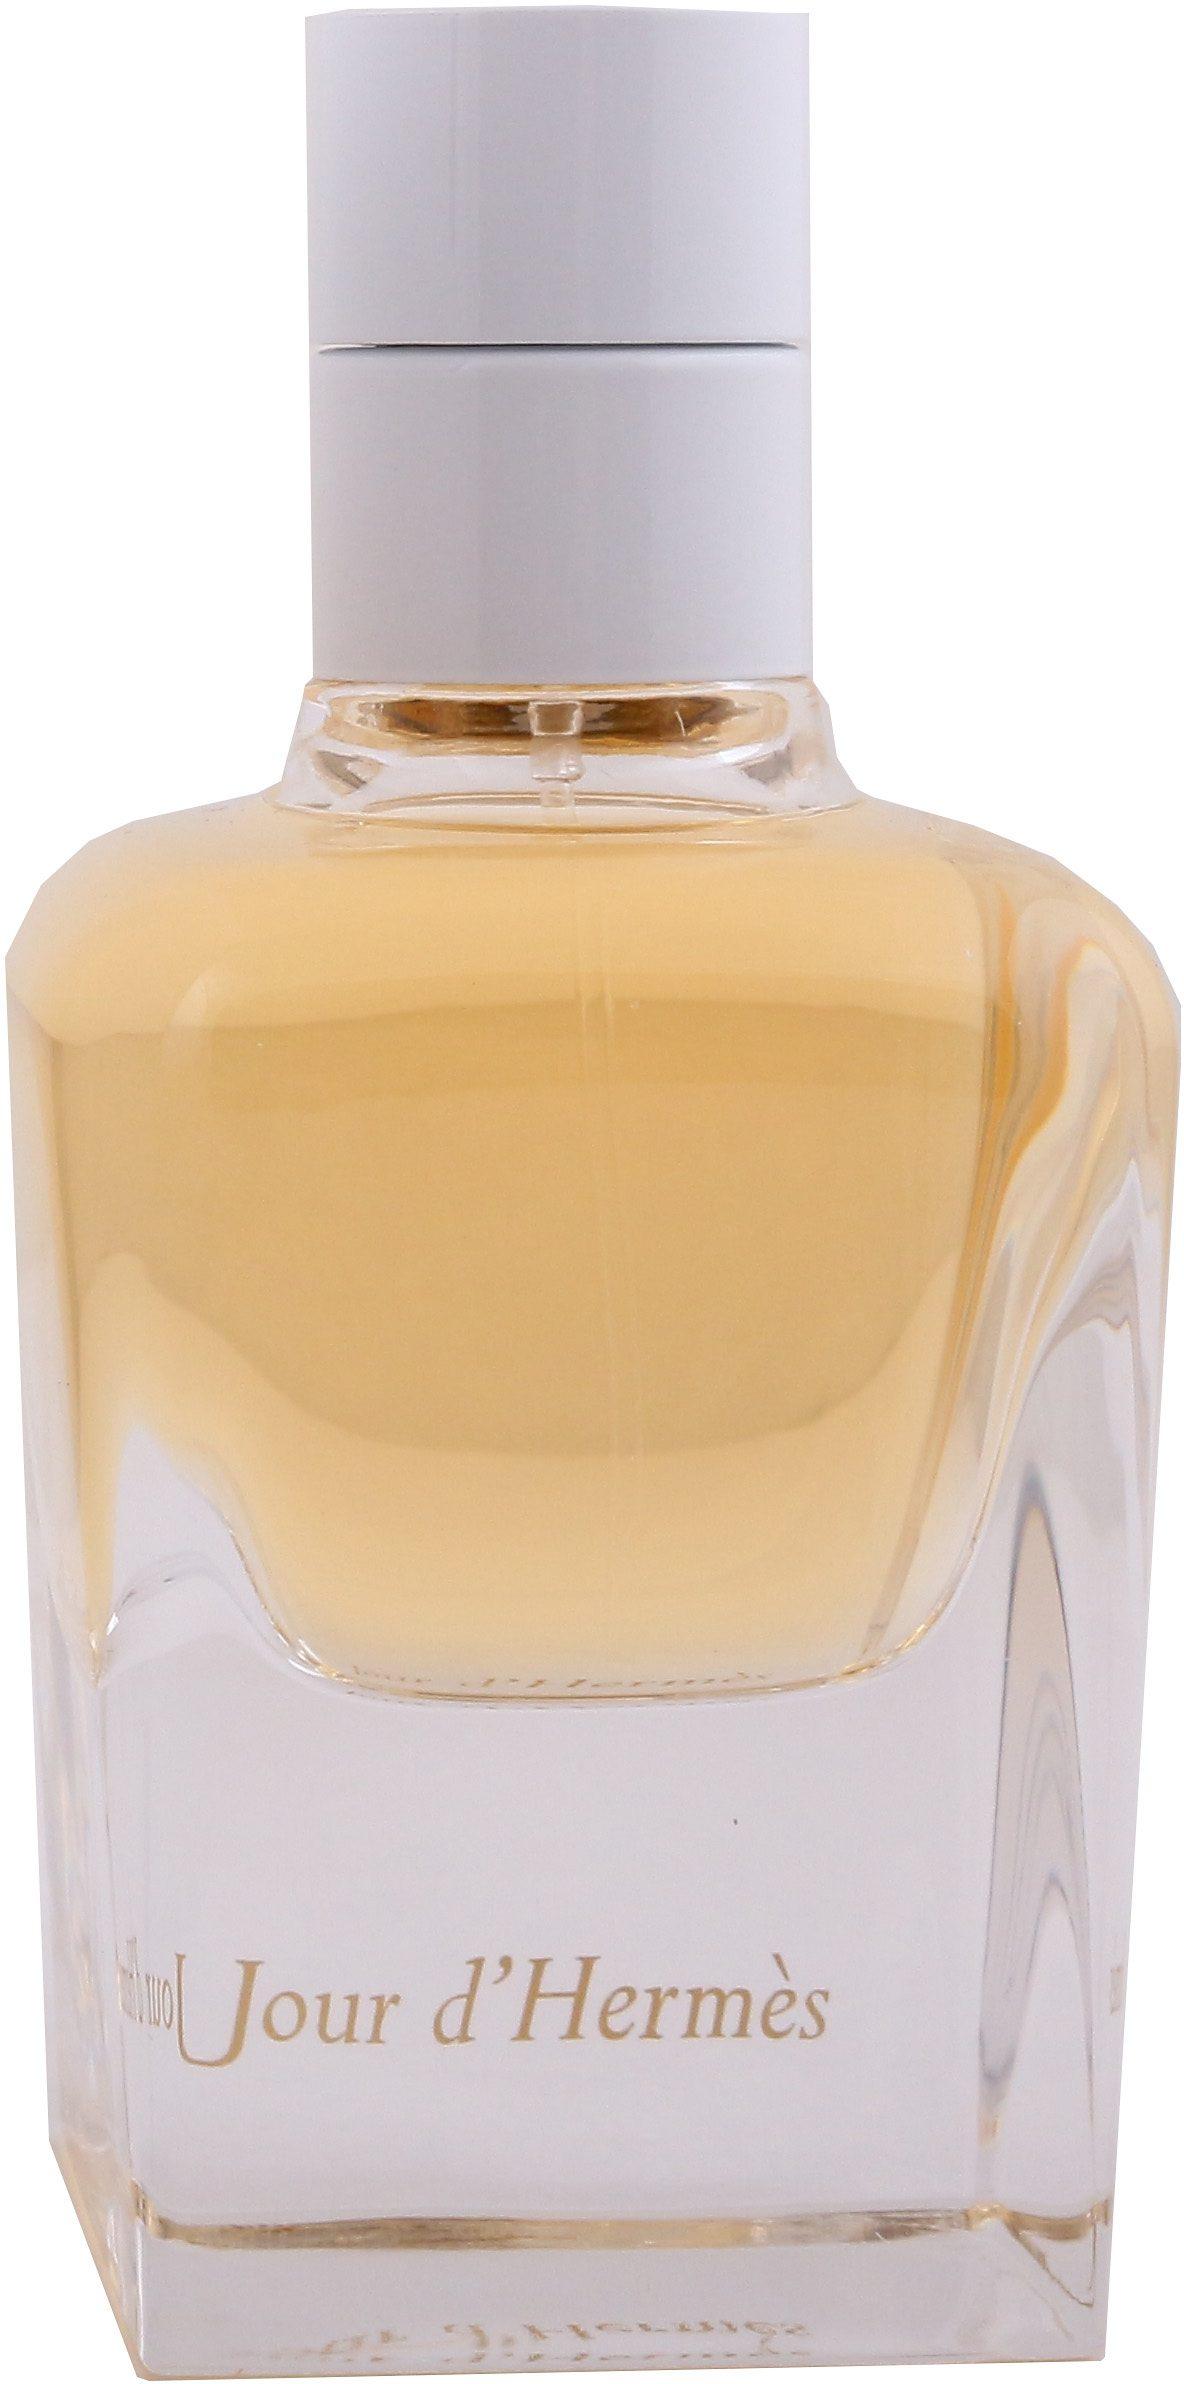 Hermès, »Jour d´Hermès«, Eau de Parfum